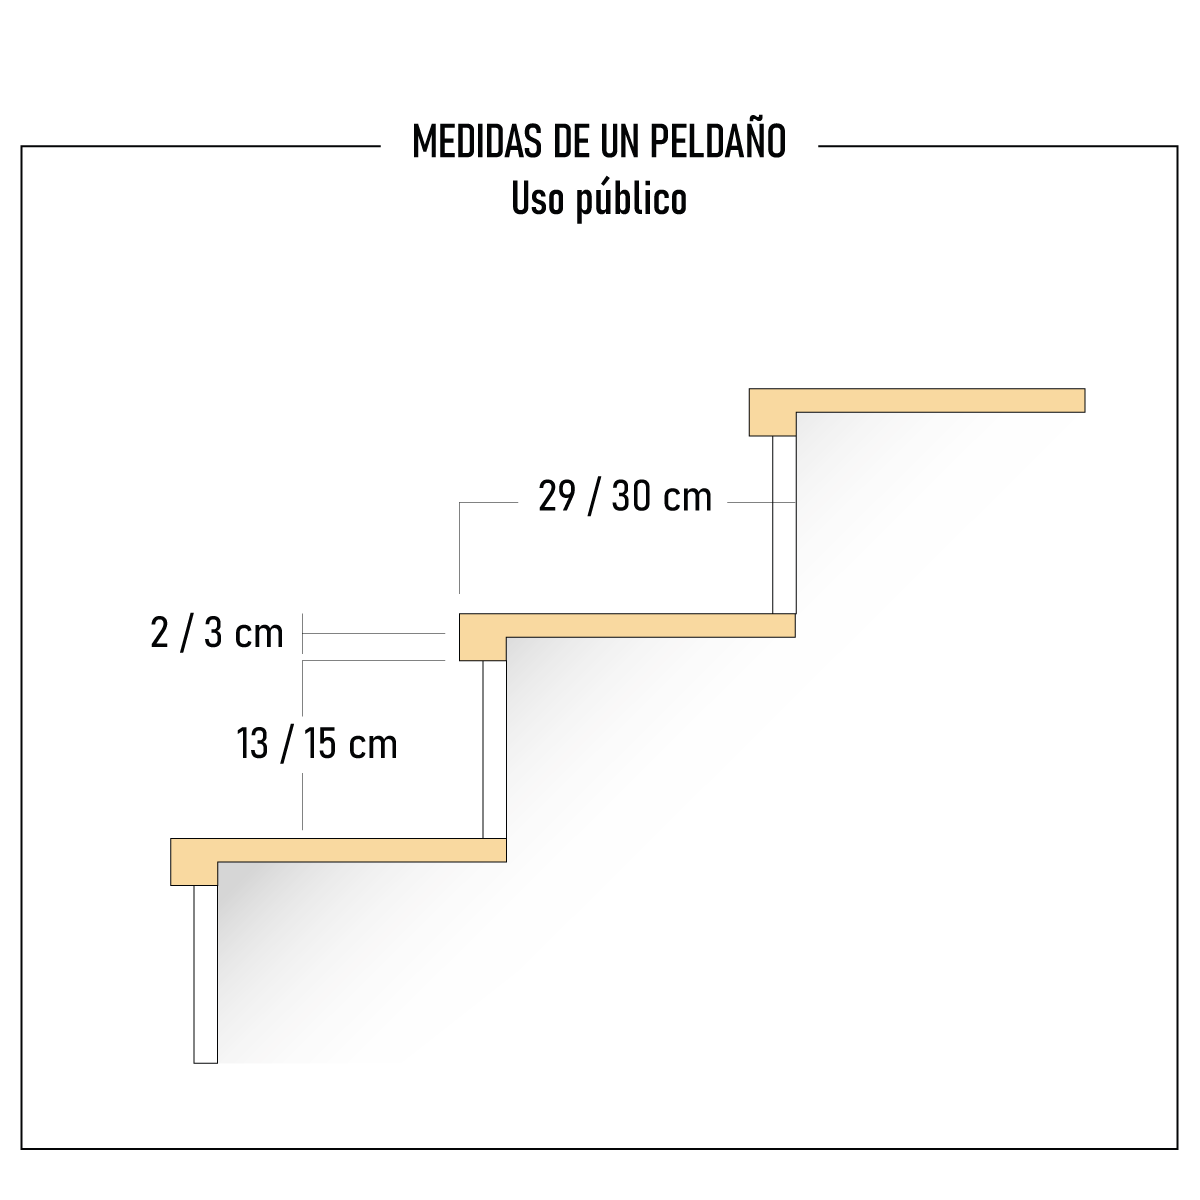 Medias de un peldaño para uso público